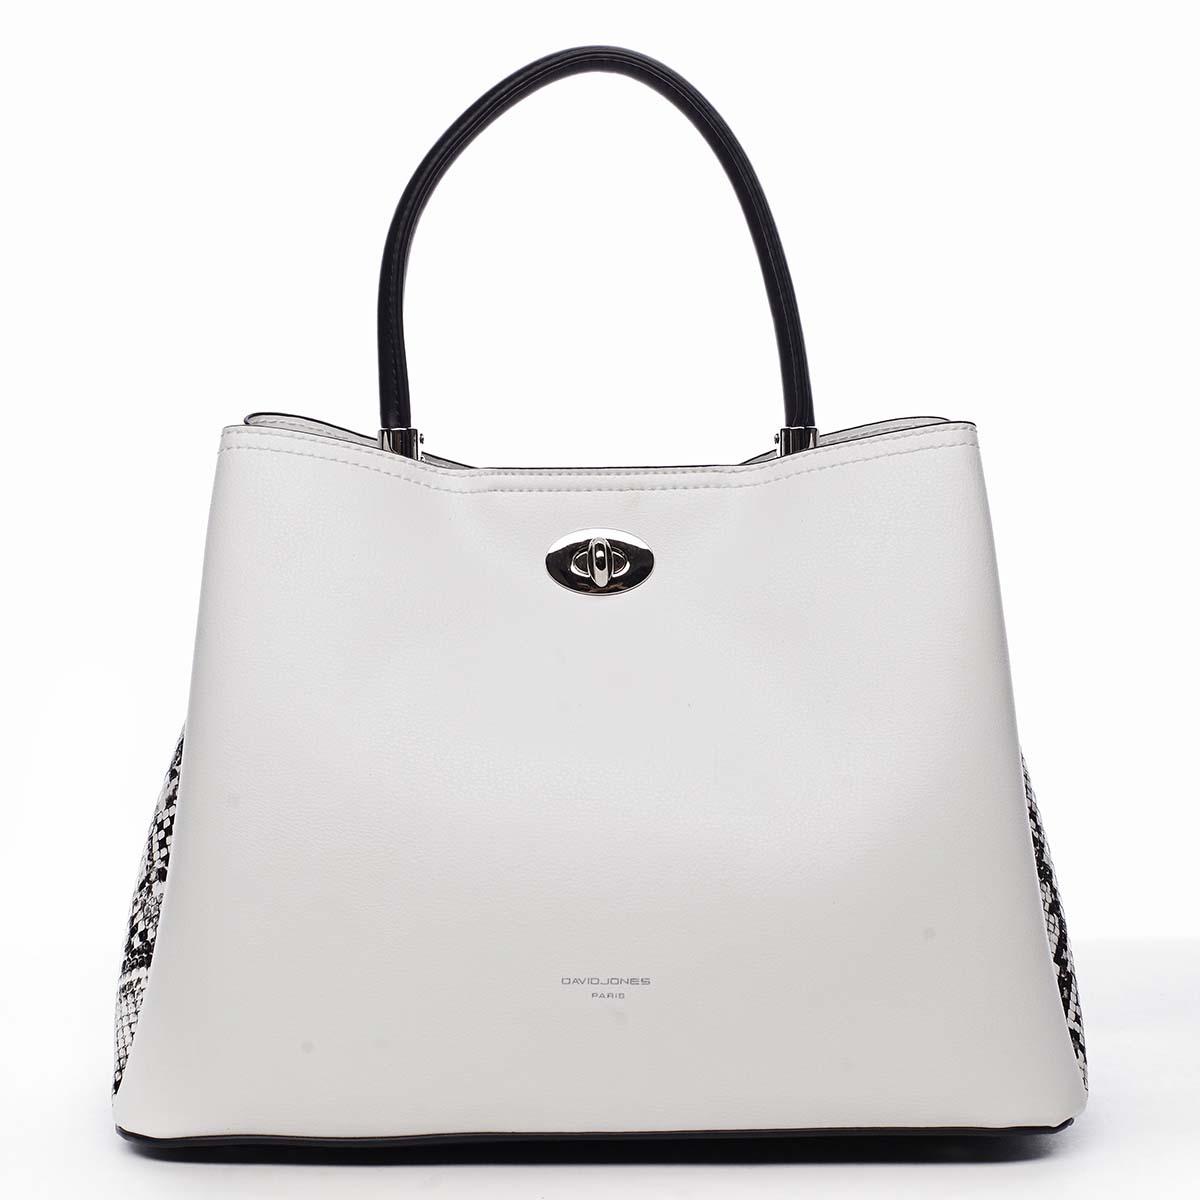 Dámska kabelka biela - David Jones Prestique